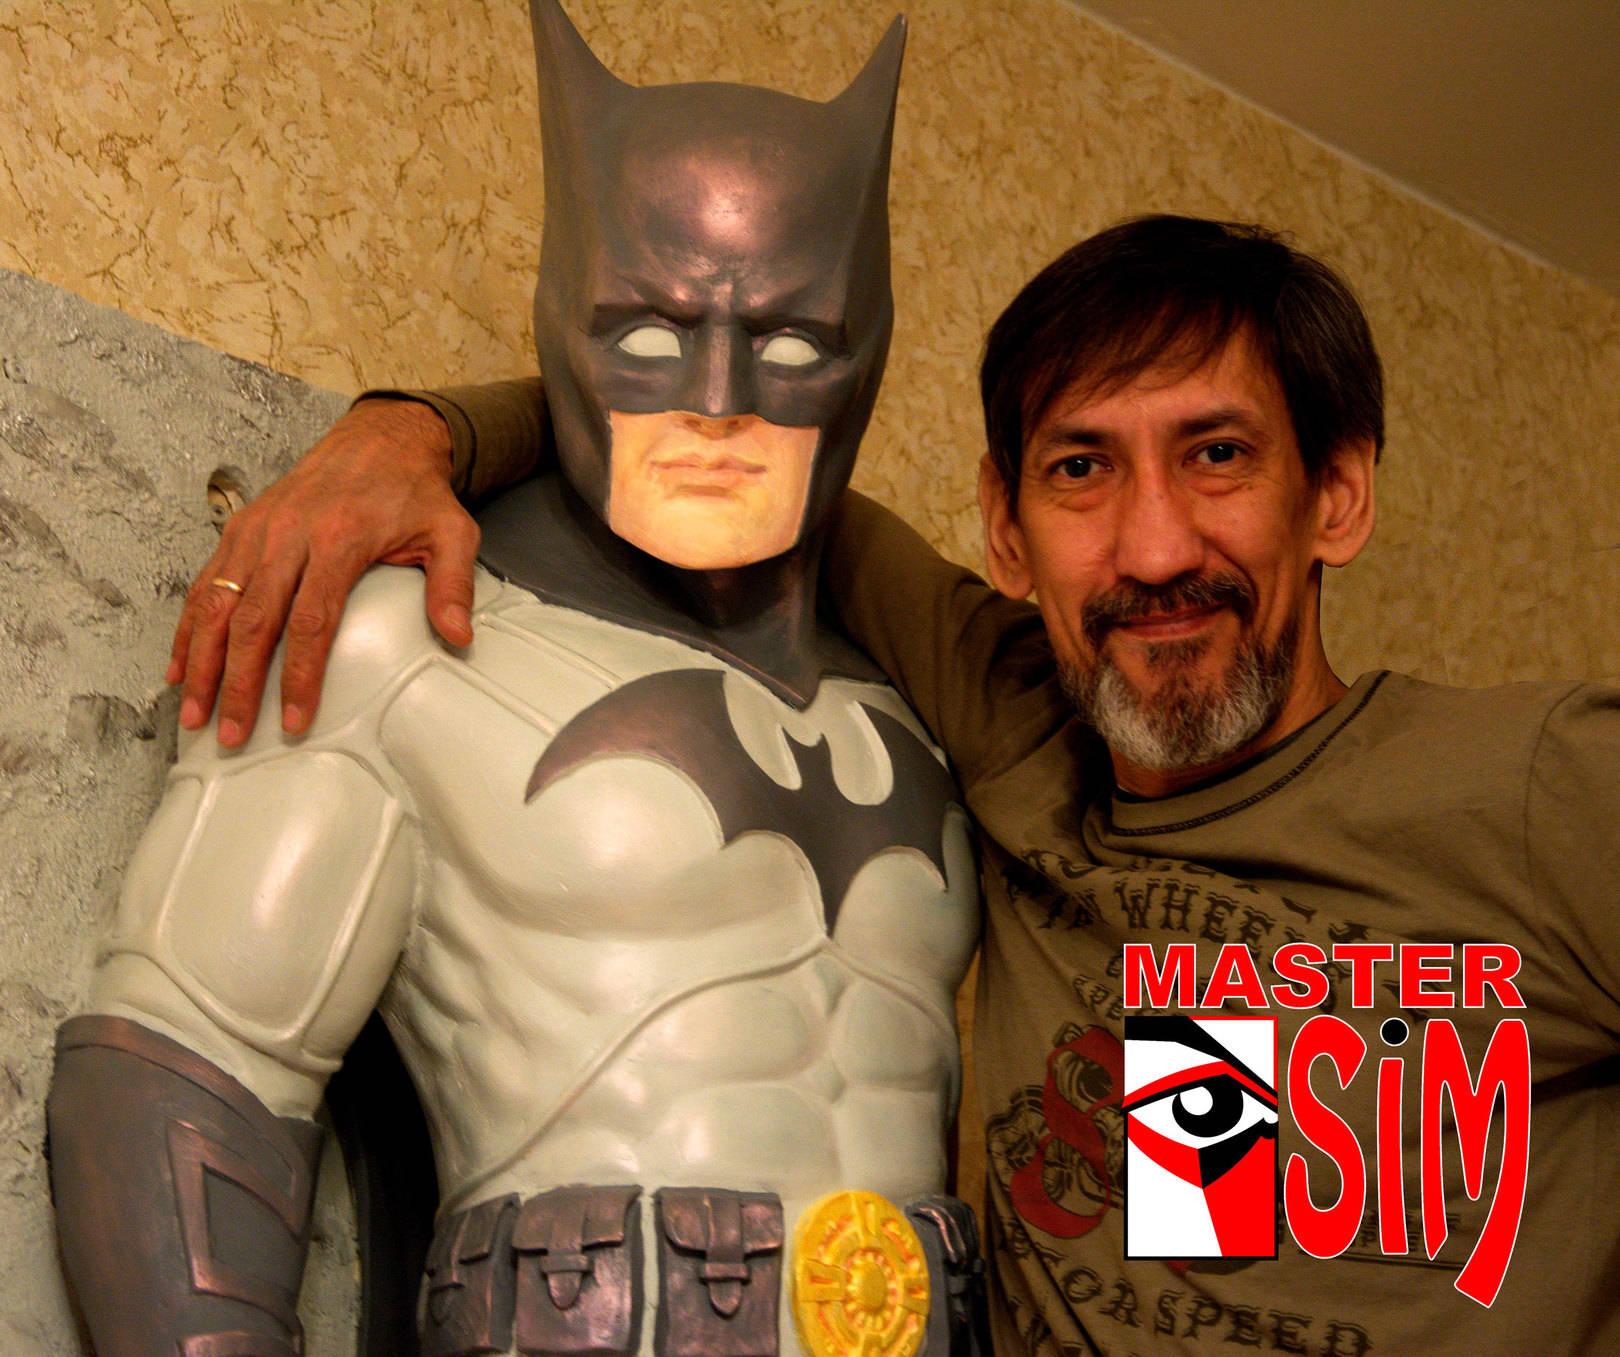 Барельеф (горельеф) Бэтмен для детской стоматологии Санкт Петербург.